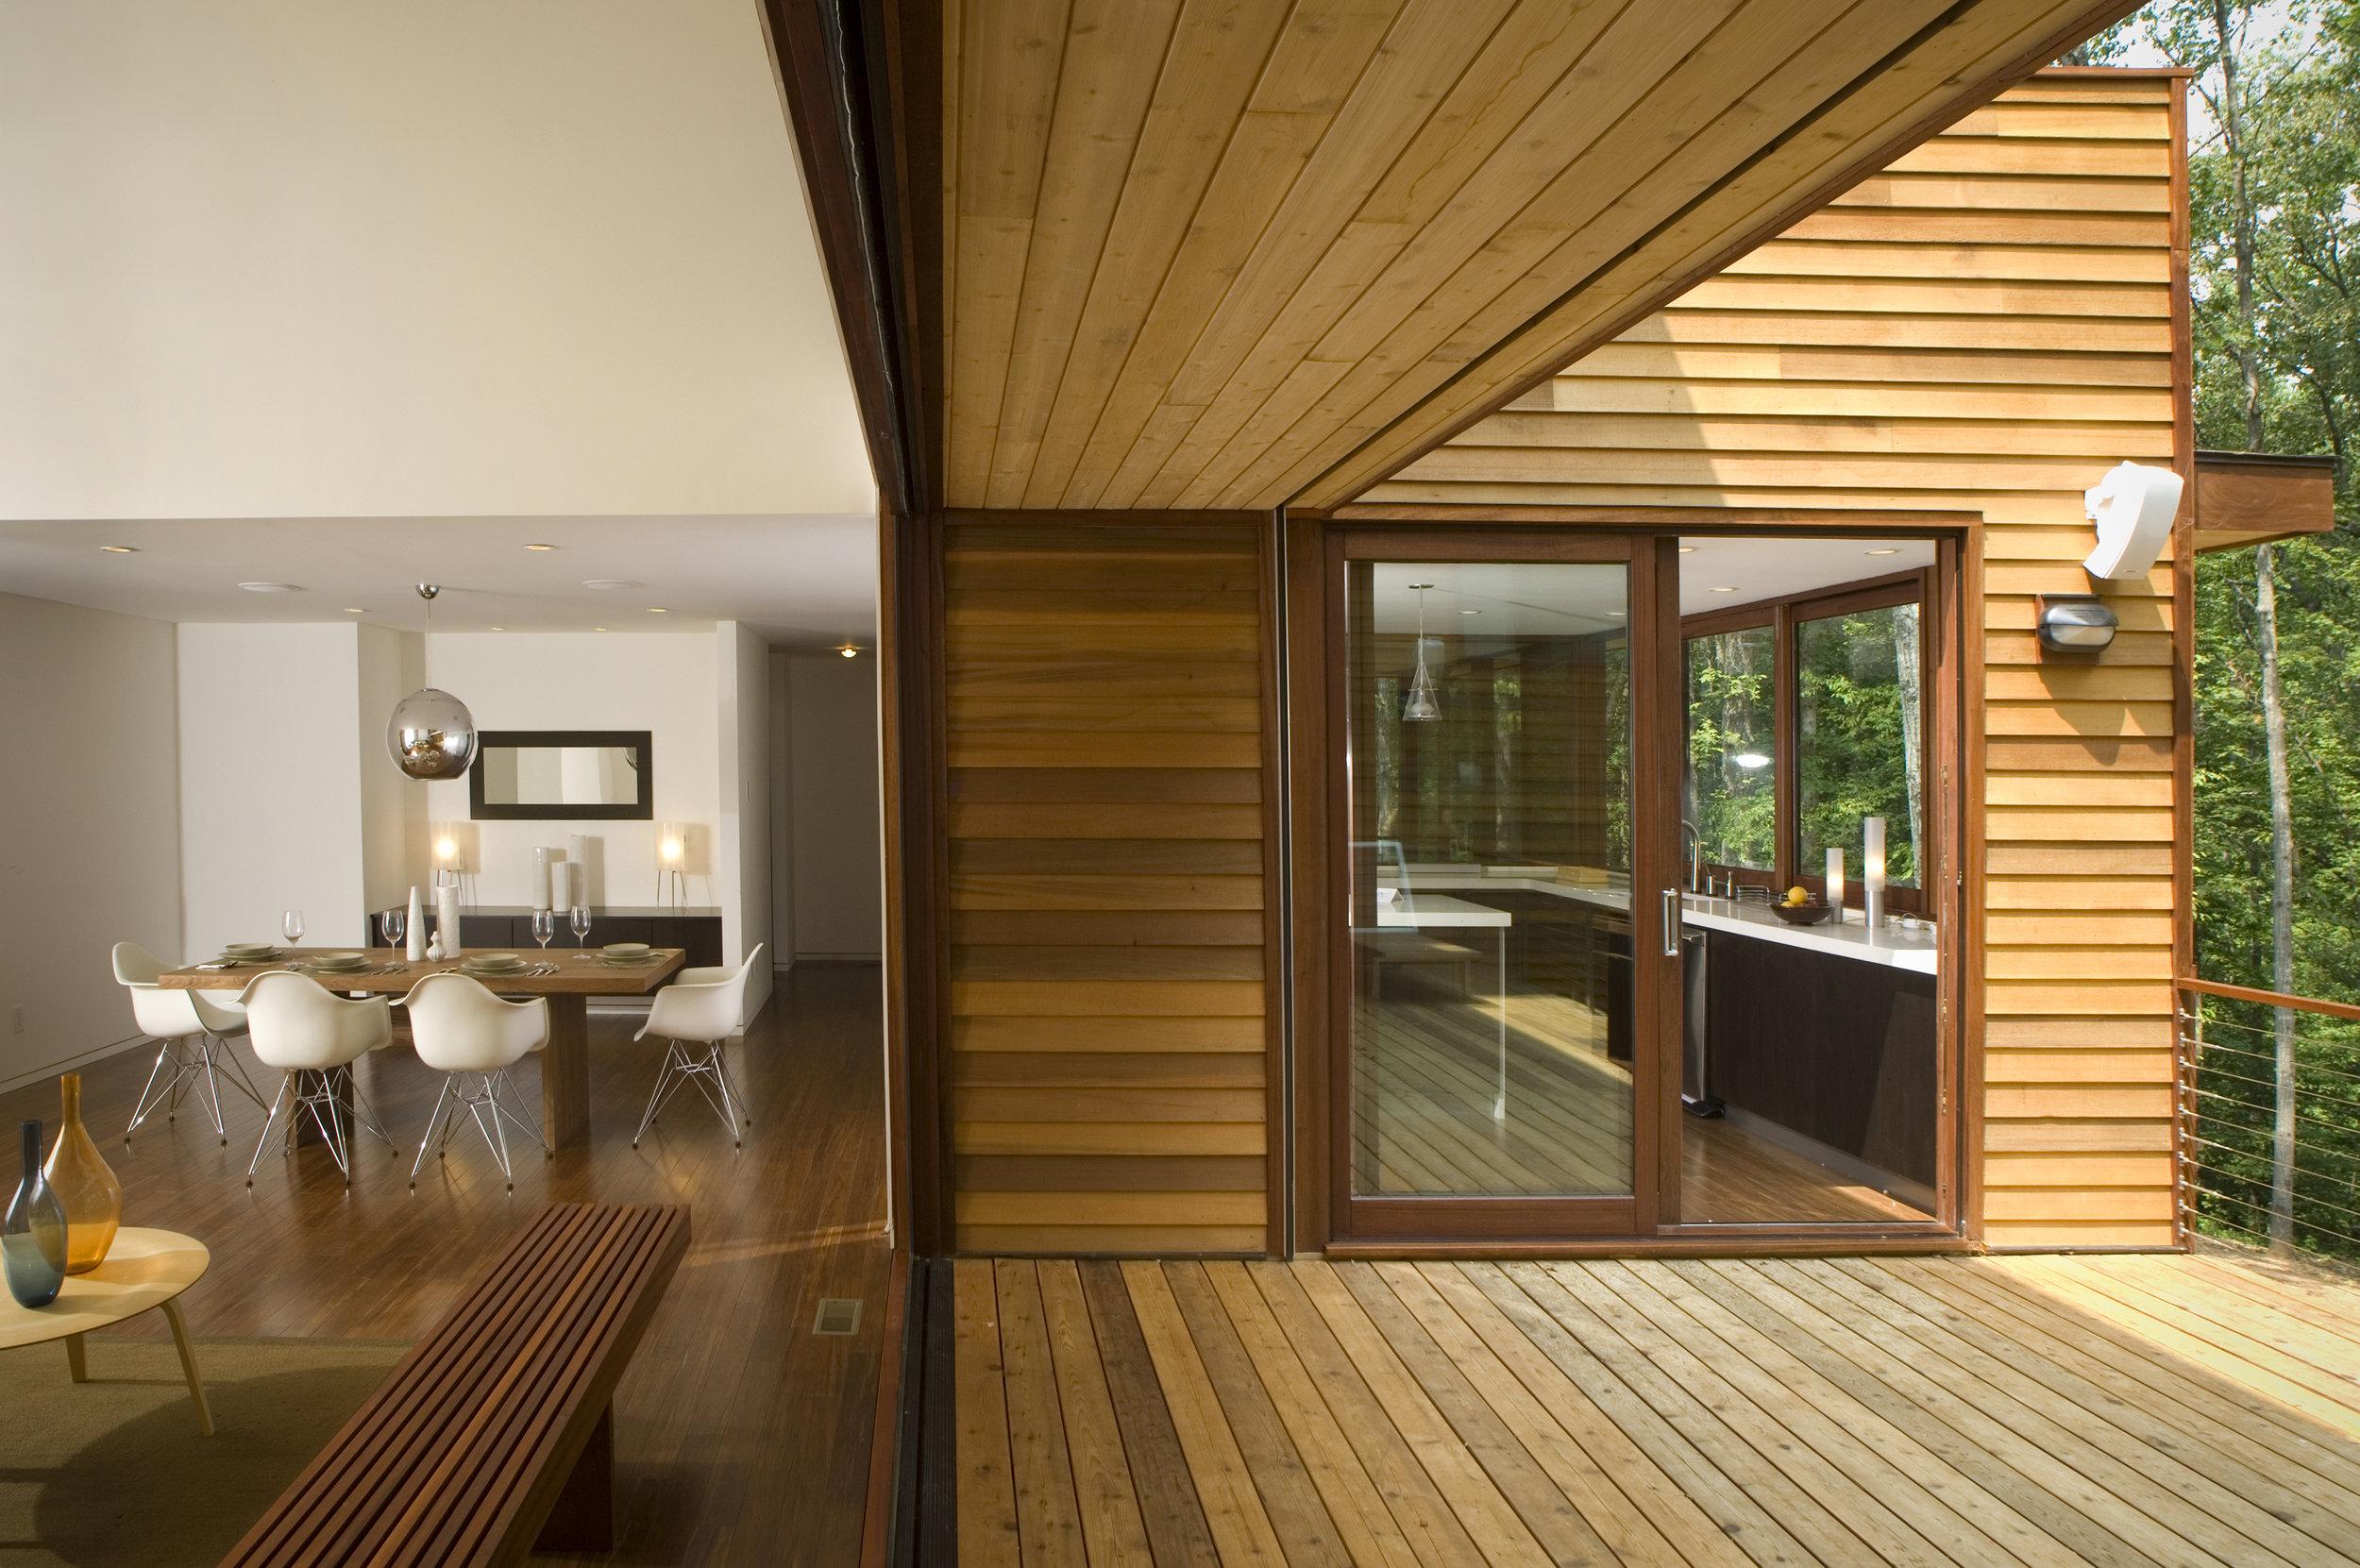 turkel_modern_design_prefab_home_redhill_hillsborough_outdoor_deck.jpg